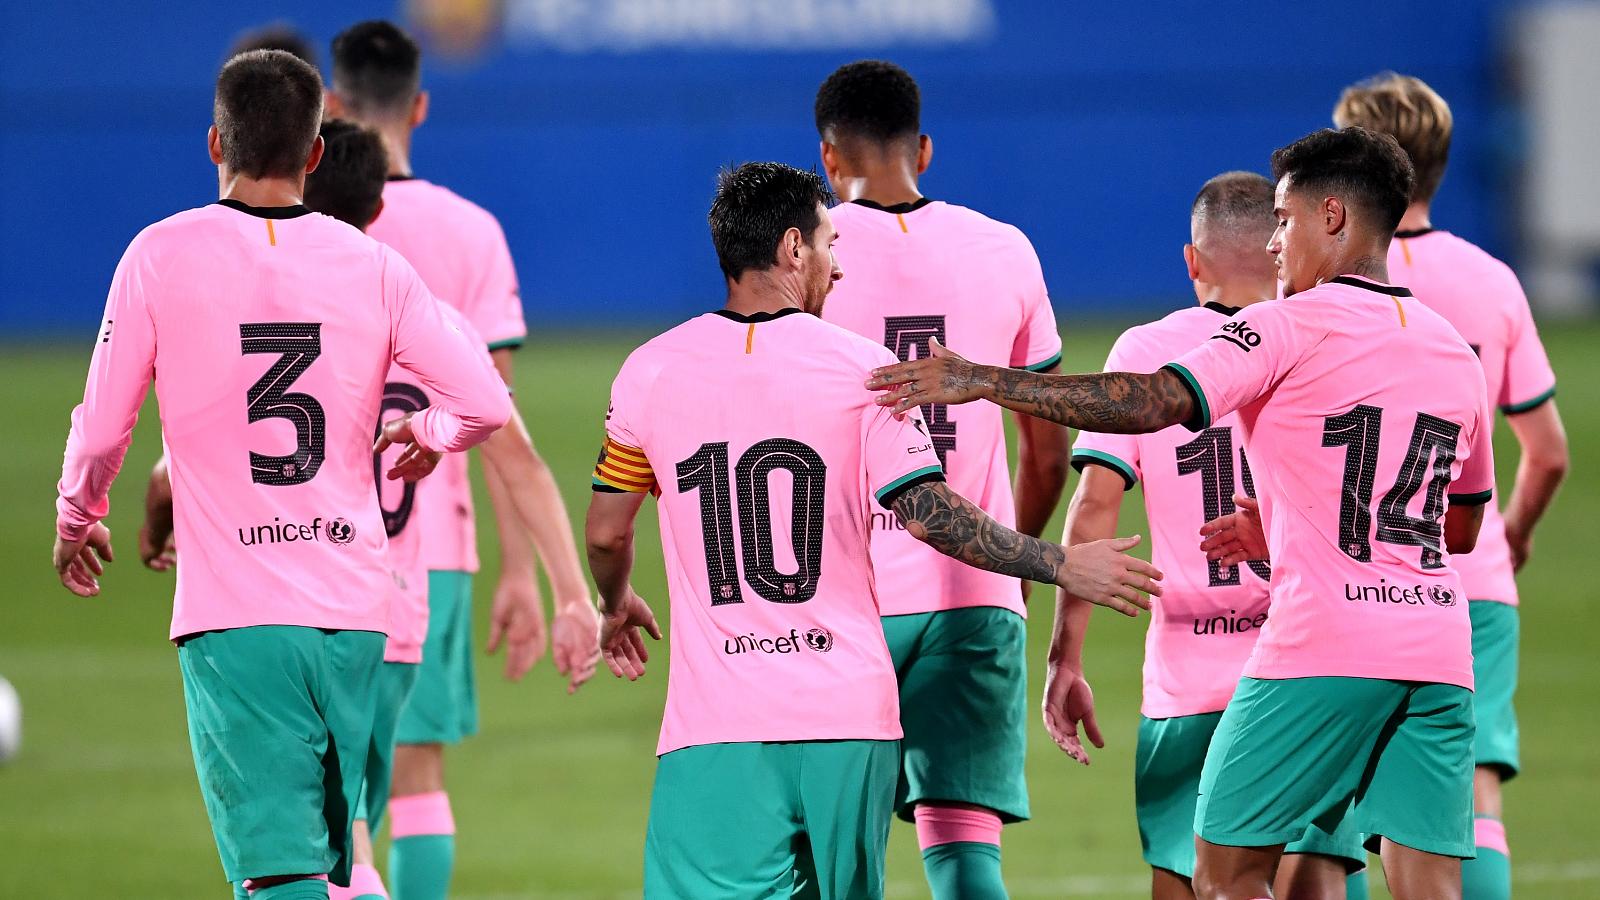 El Resumen Del Barcelona Vs Girona Amistoso De Pretemporada Video Goles Y Estadisticas Goal Com